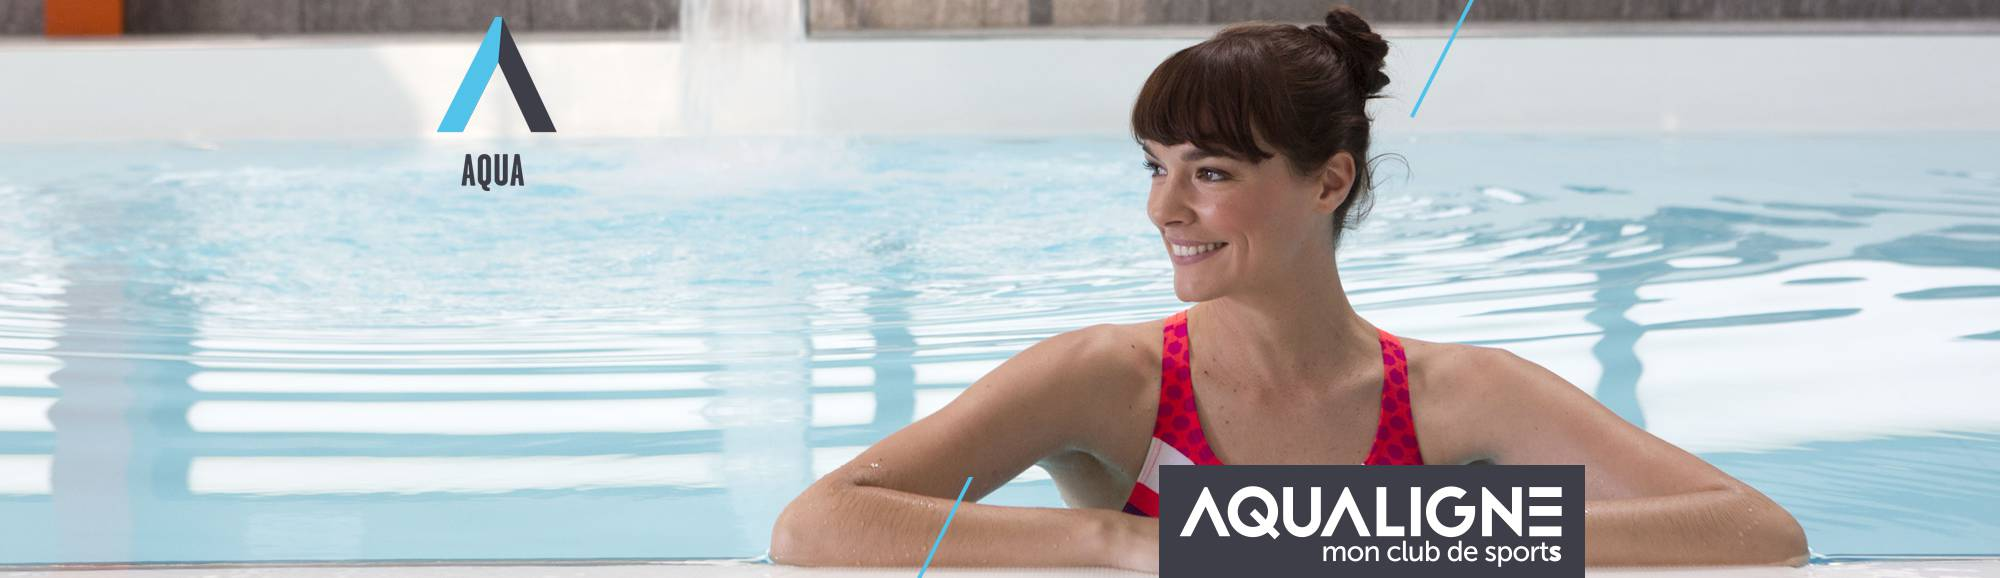 AQUALIGNE-club-sport-piscine-aquagym-aquabike